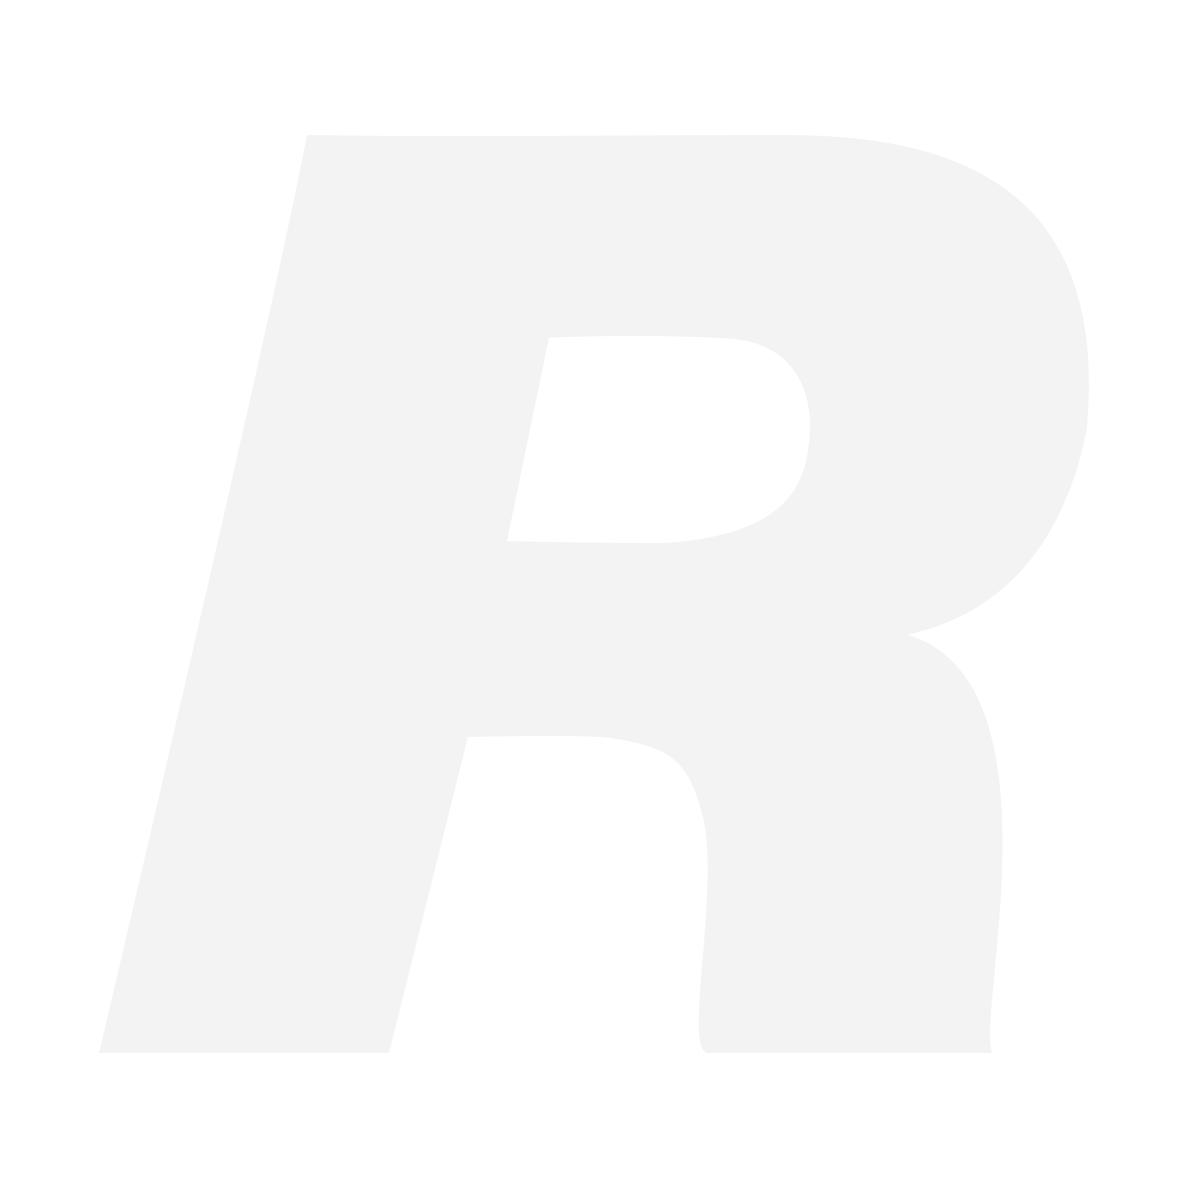 CANON EF 1.4X III TELEJATKE -KÄYTETTY